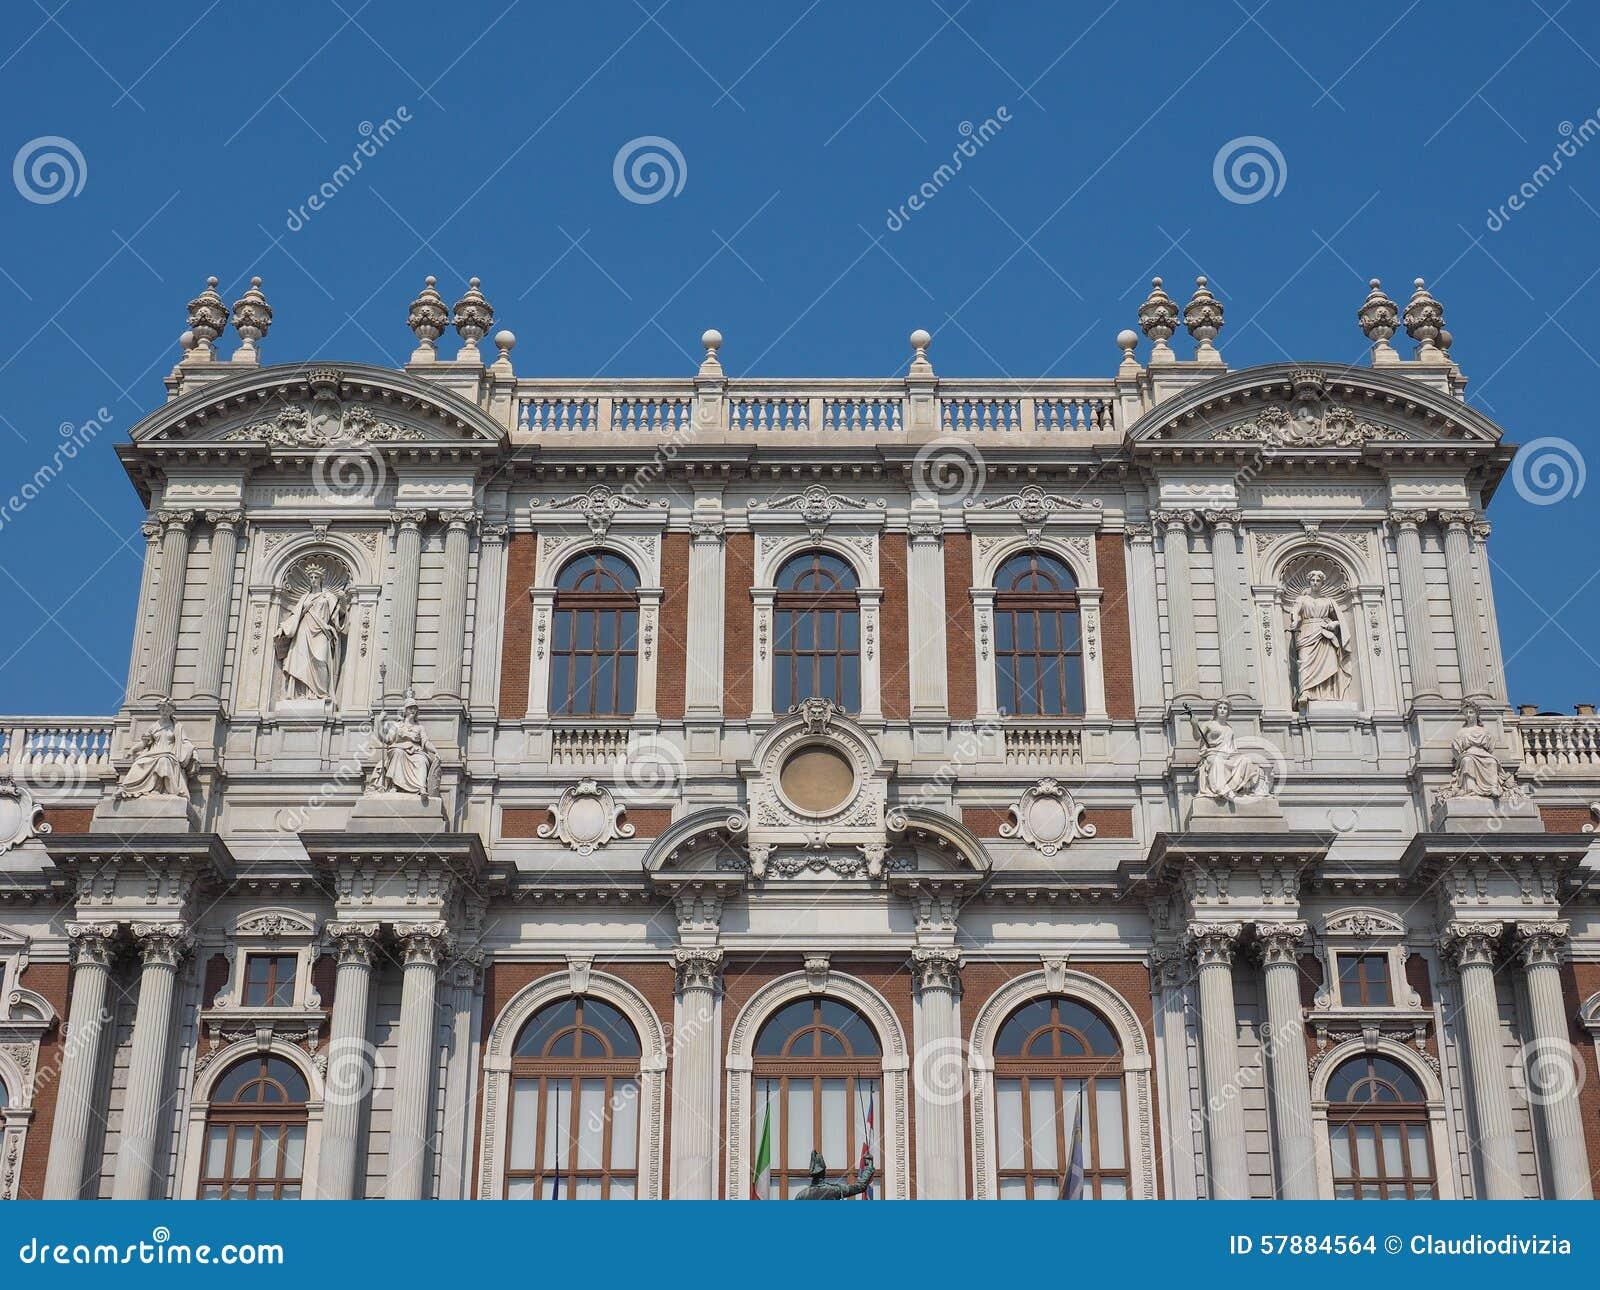 Museo Nazionale Del Risorgimento Italiano.Risorgimento National Museum In Turin Stock Photo Image Of Palazzo